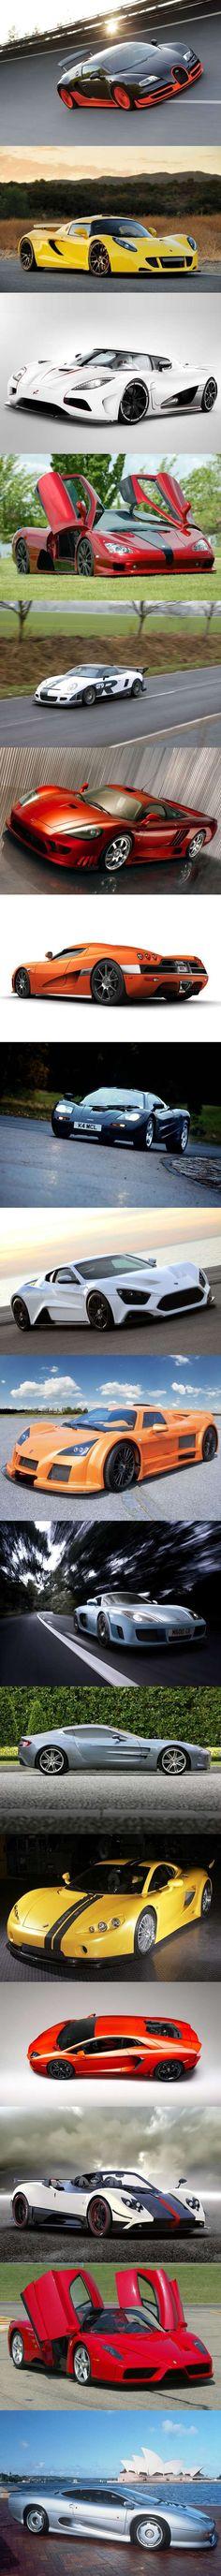 Bugatti Veyron Super Sport:429 km/h    Hennessey Venom GT:418 km/h    Koenigsegg Agera R:418 km/h    SSC Ultimate Aero:413 km/h    9ff GT9-R:413 km/h    Saleen S7 Twin-Turbo:399 km/h    Koenigsegg CCX:394 km/h    McLaren F1:386 km/h    Zenvo ST1:374 km/h    Gumpert Apollo:362 km/h    Noble M600:362 km/h    Aston Martin One-77:354 km/h    Ascari A10:354 km/h    Lamborghini Aventador:354 km/h    Pagani Zonda Cinque Roadster:349 km/h    Ferrari Enzo:349 km/h    Jaguar XJ220:349 km/h